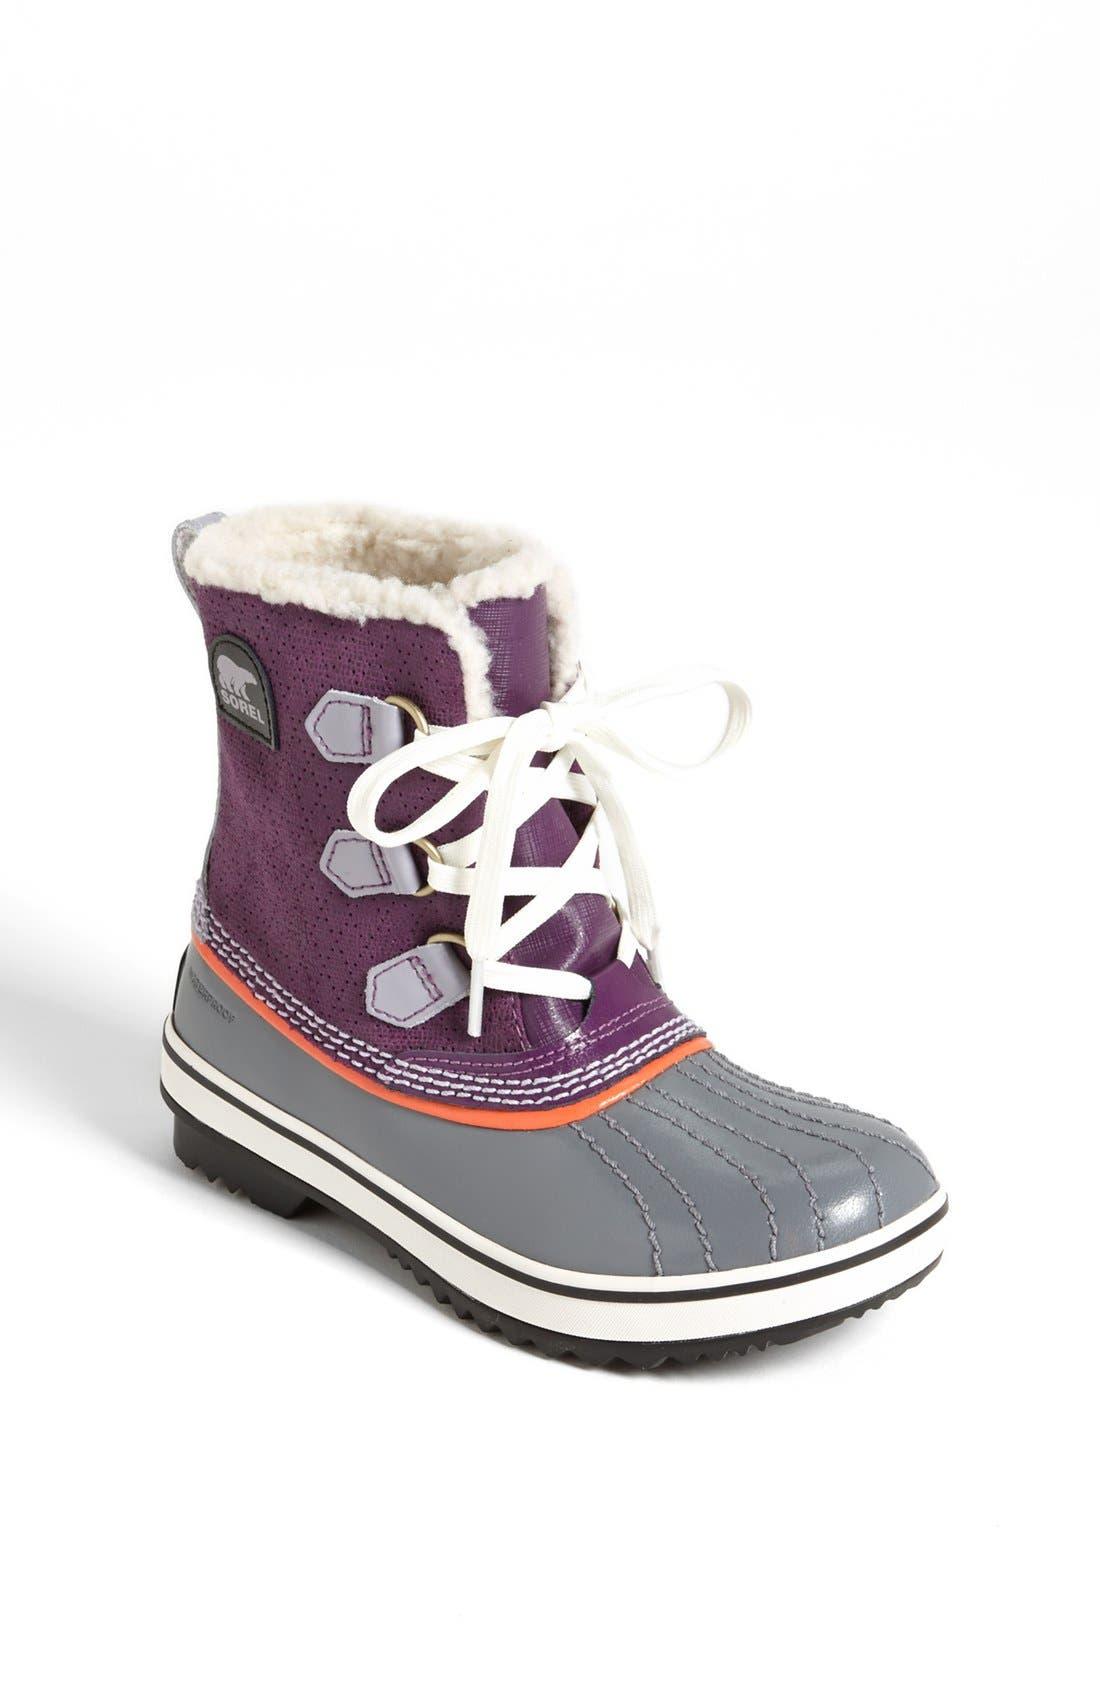 Alternate Image 1 Selected - SOREL 'Tivoli' Boot (Little Kid & Big Kid)